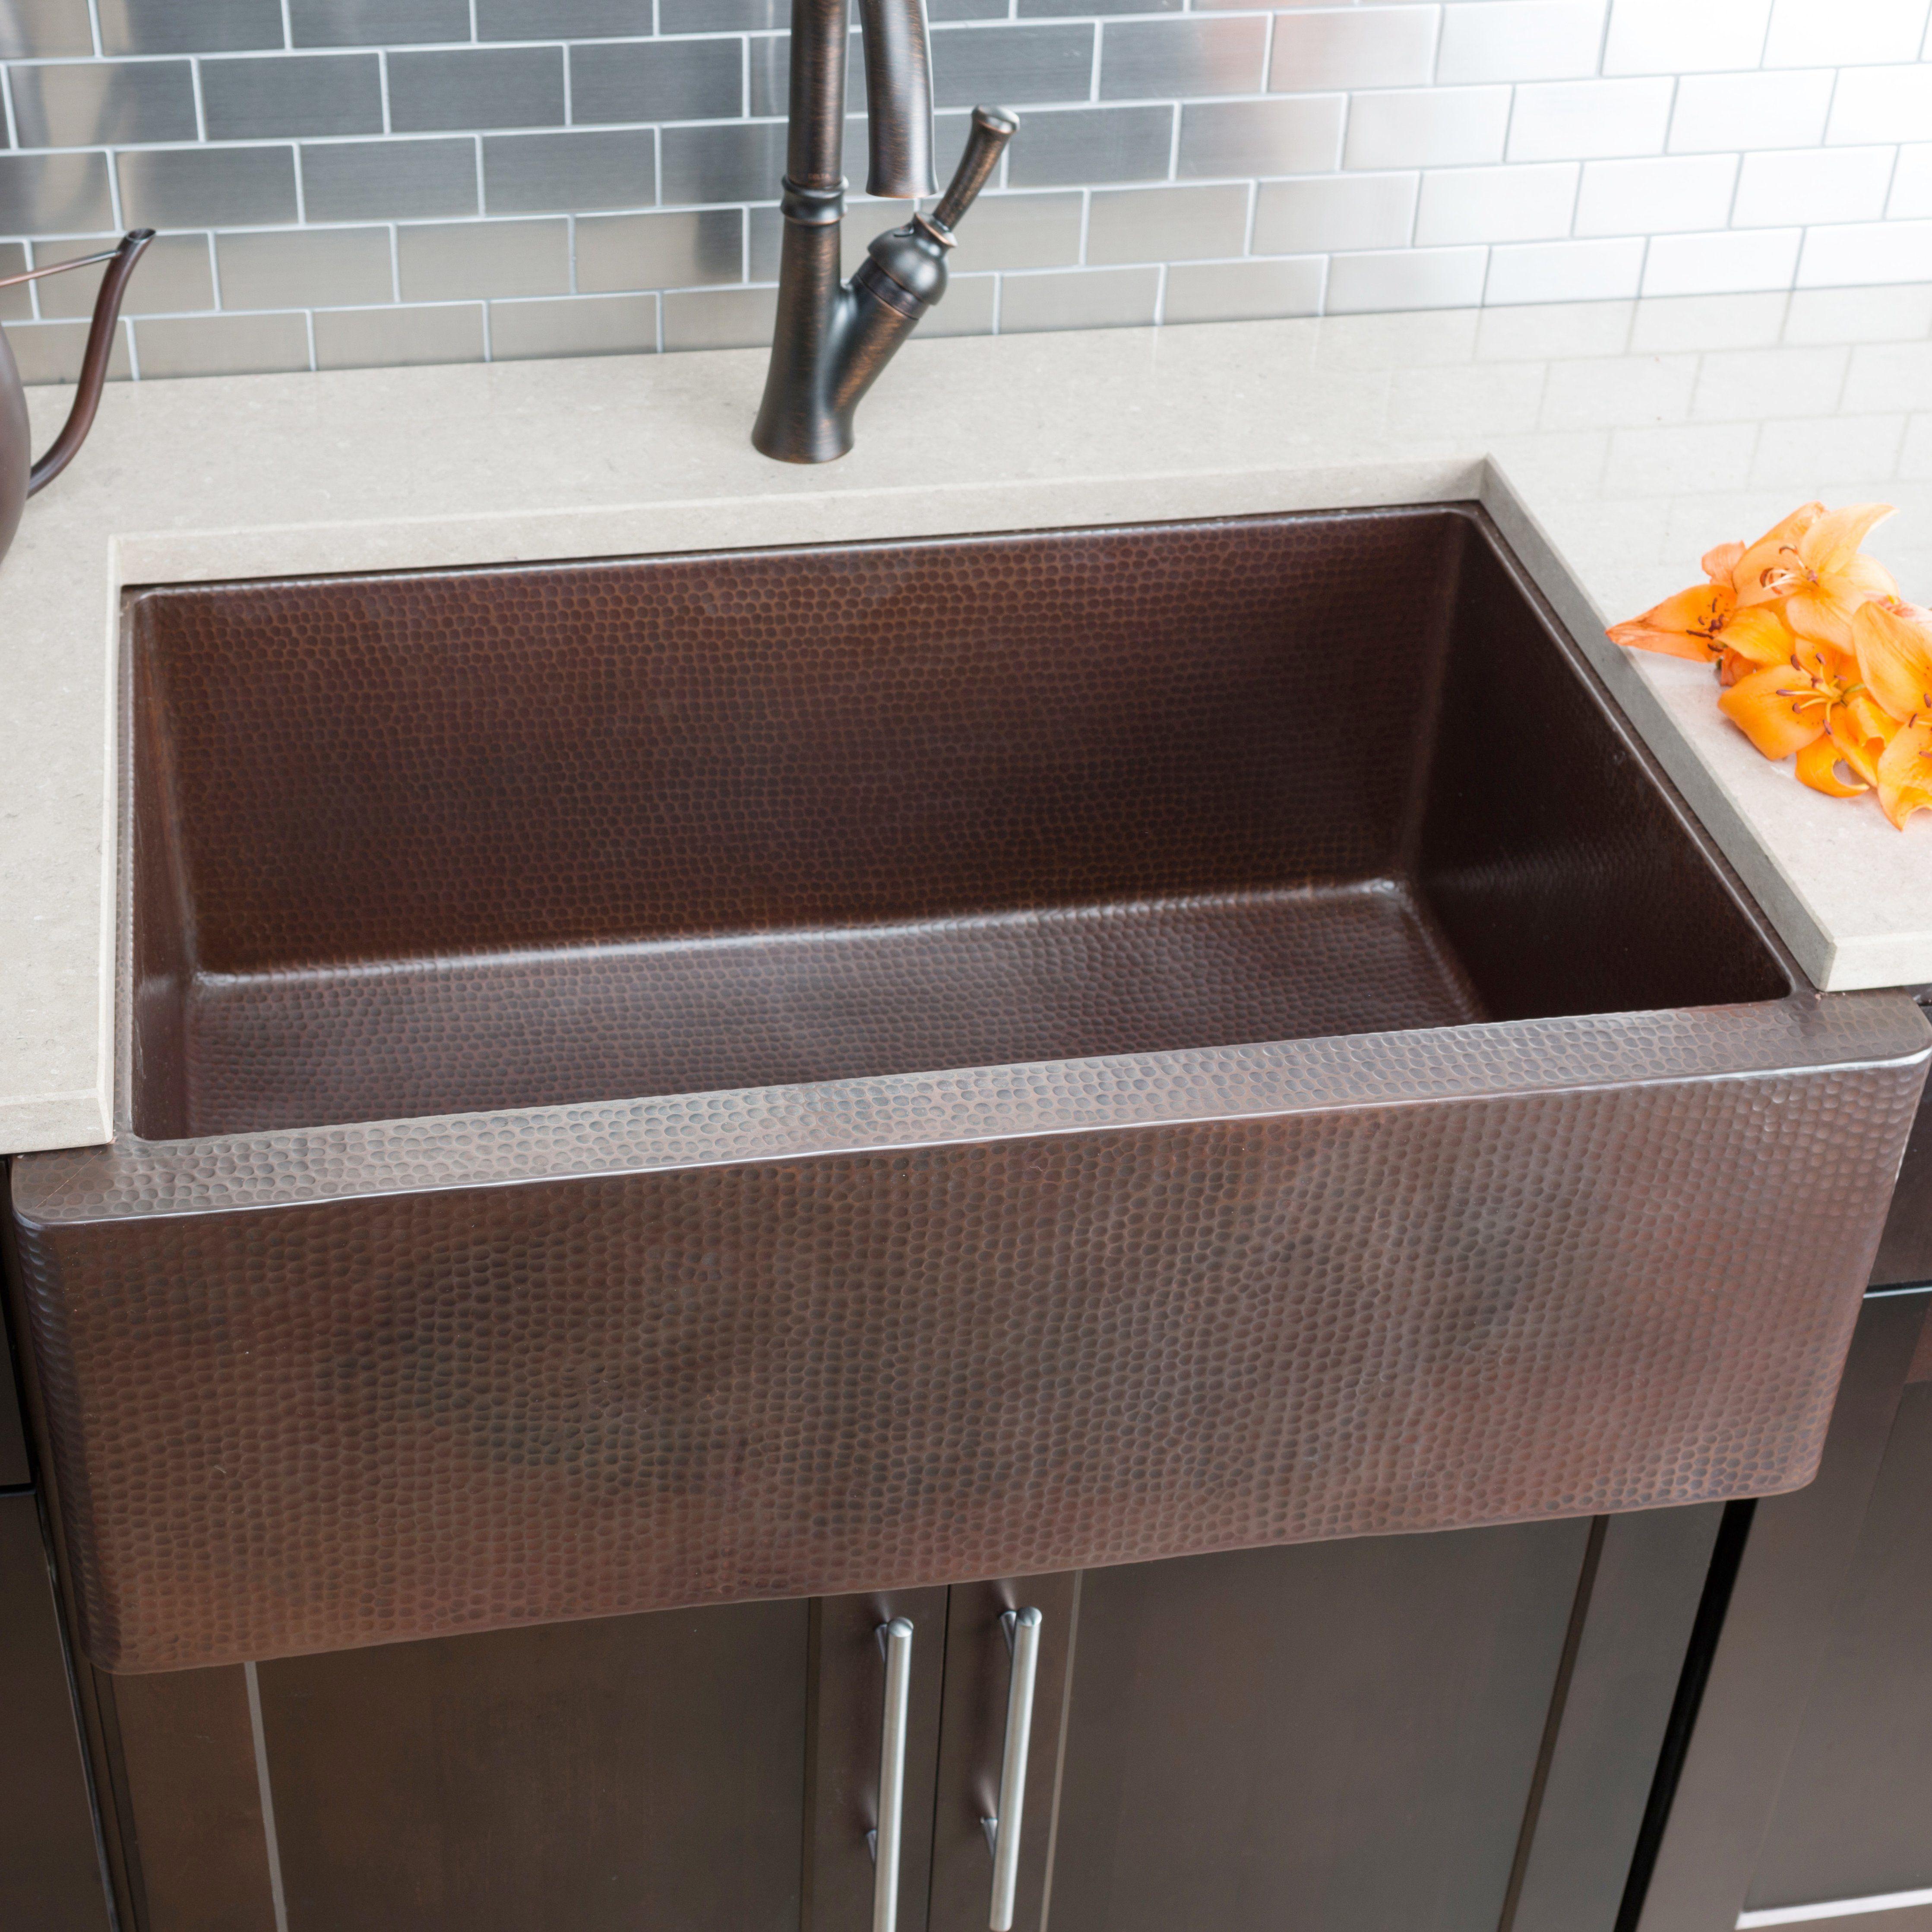 Kupfer Bad Armaturen Waschbecken Kuche Spule Benutzerdefinierte